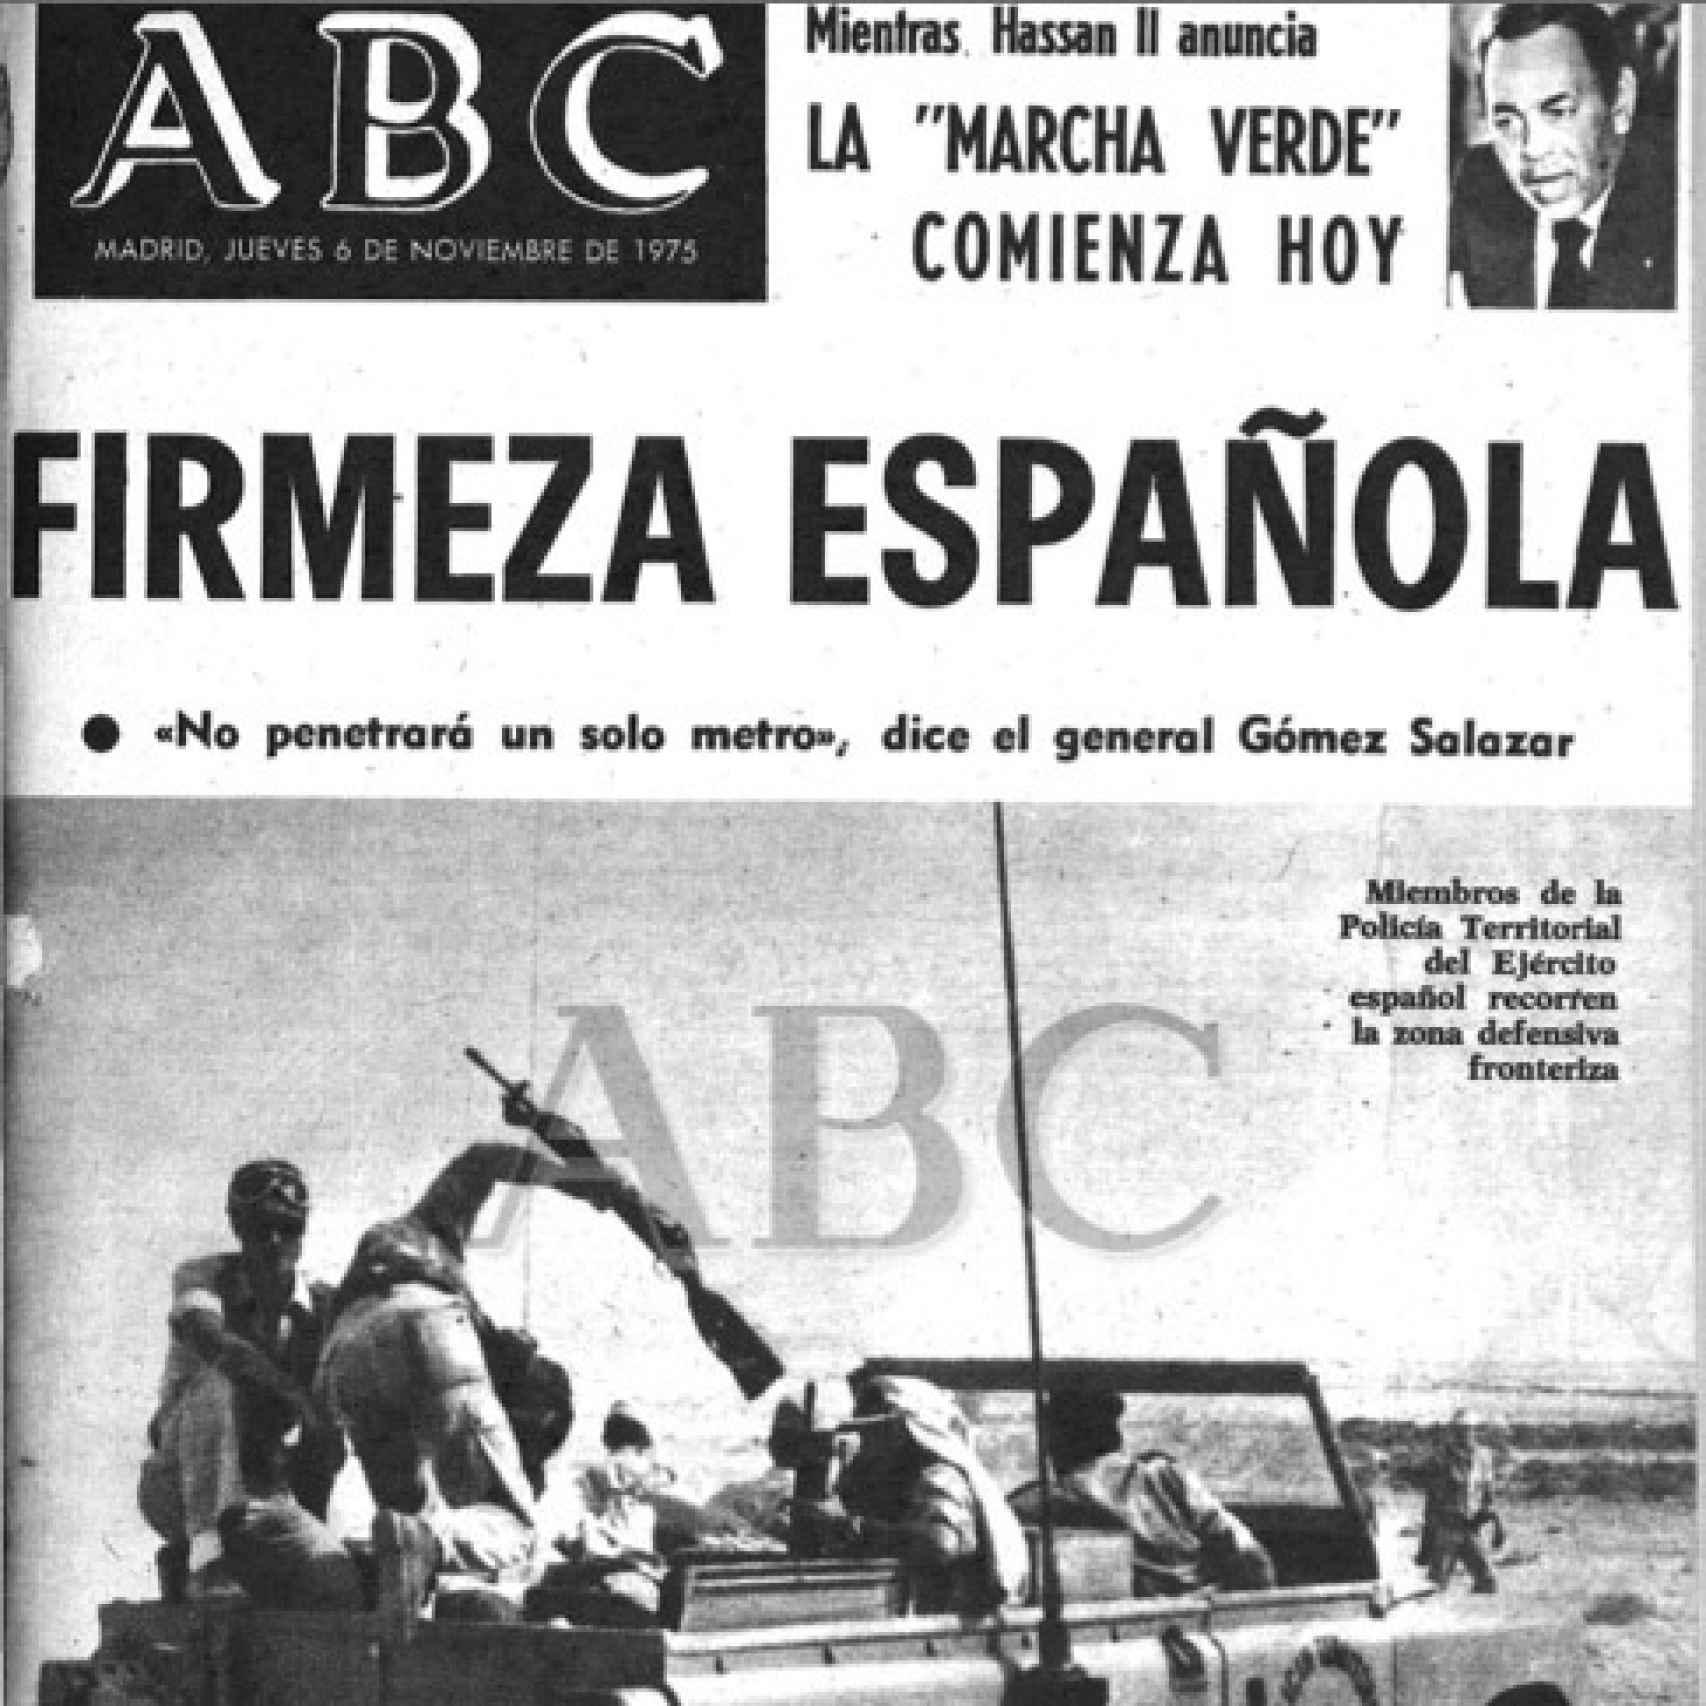 La portada de ABC del 6 de noviembre de 1975.